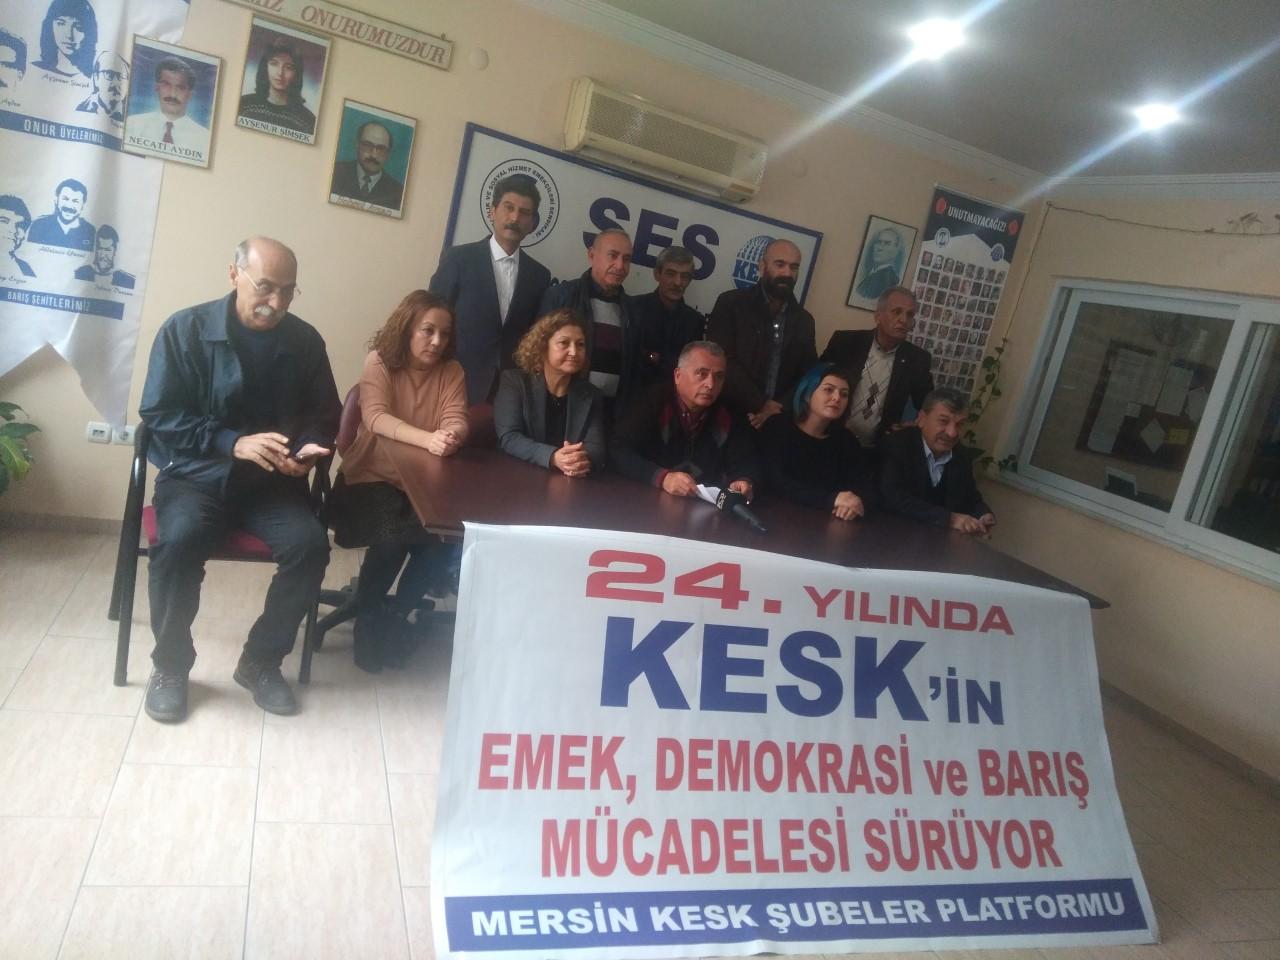 KESK Mersin Şubeler Platformu'ndan KESK'in 24. Yılı Açıklaması: Umudu ve Mücadeleyi Büyütmeye Devam Edeceğiz!